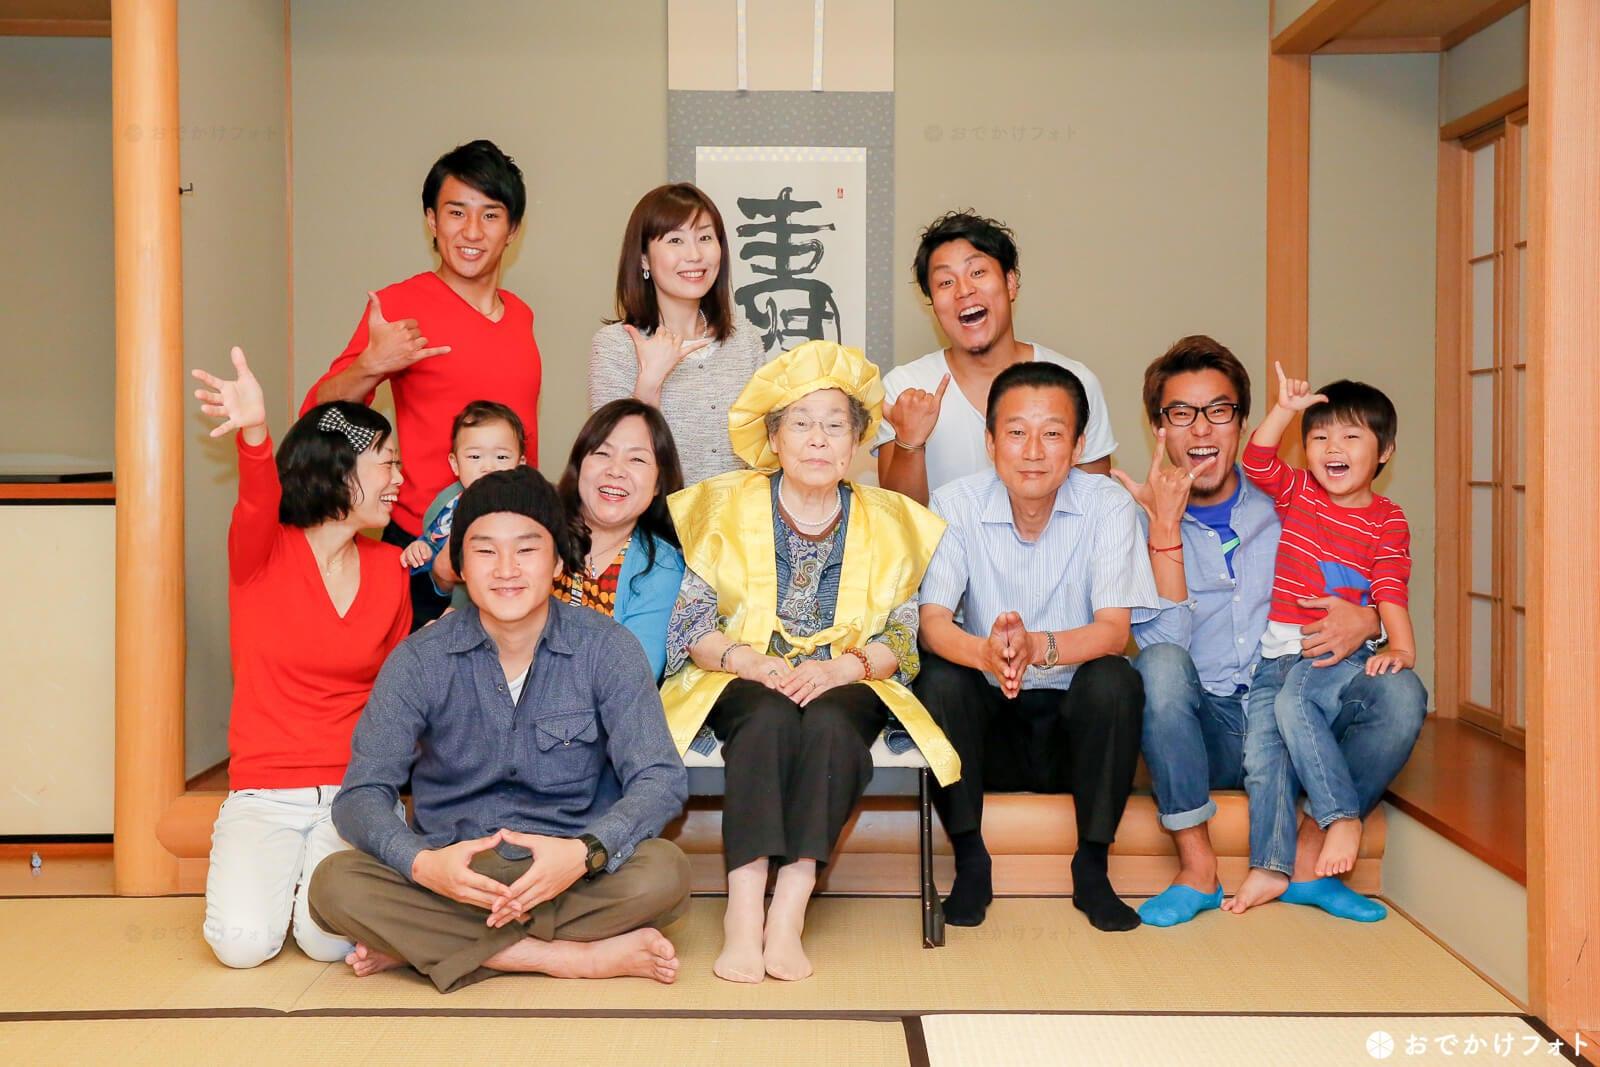 米寿記念・長寿のお祝いの記念写真